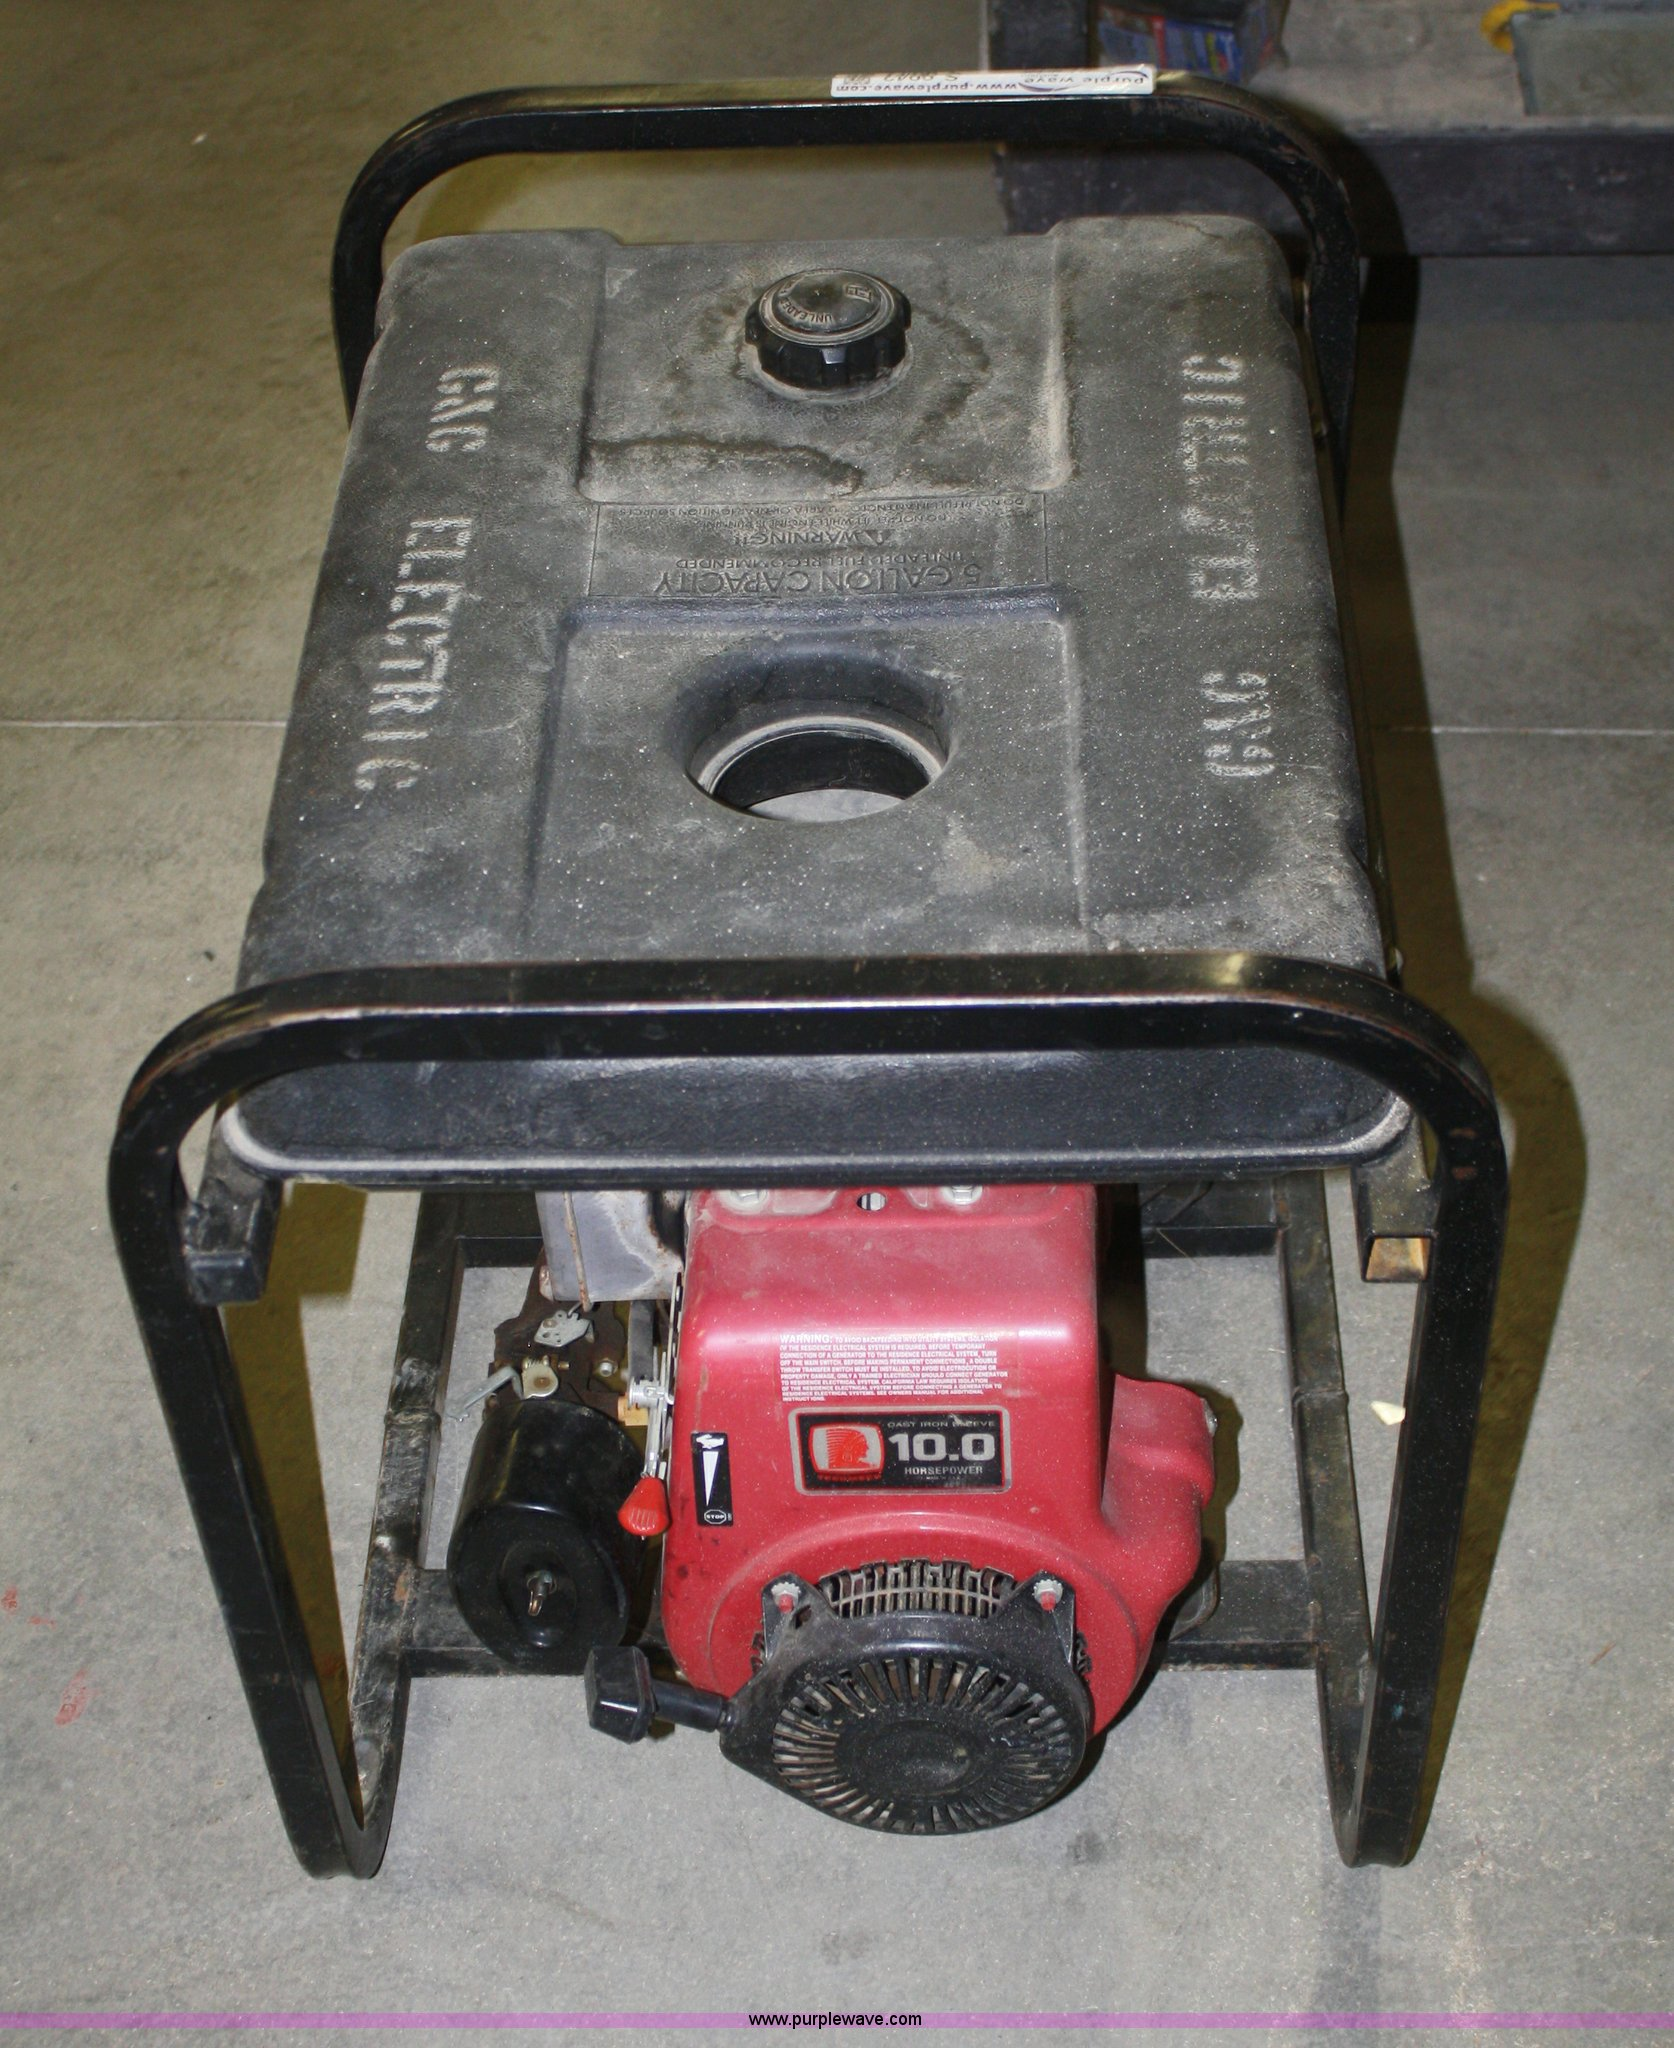 PowerMate 5 000 watt generator Item S9943